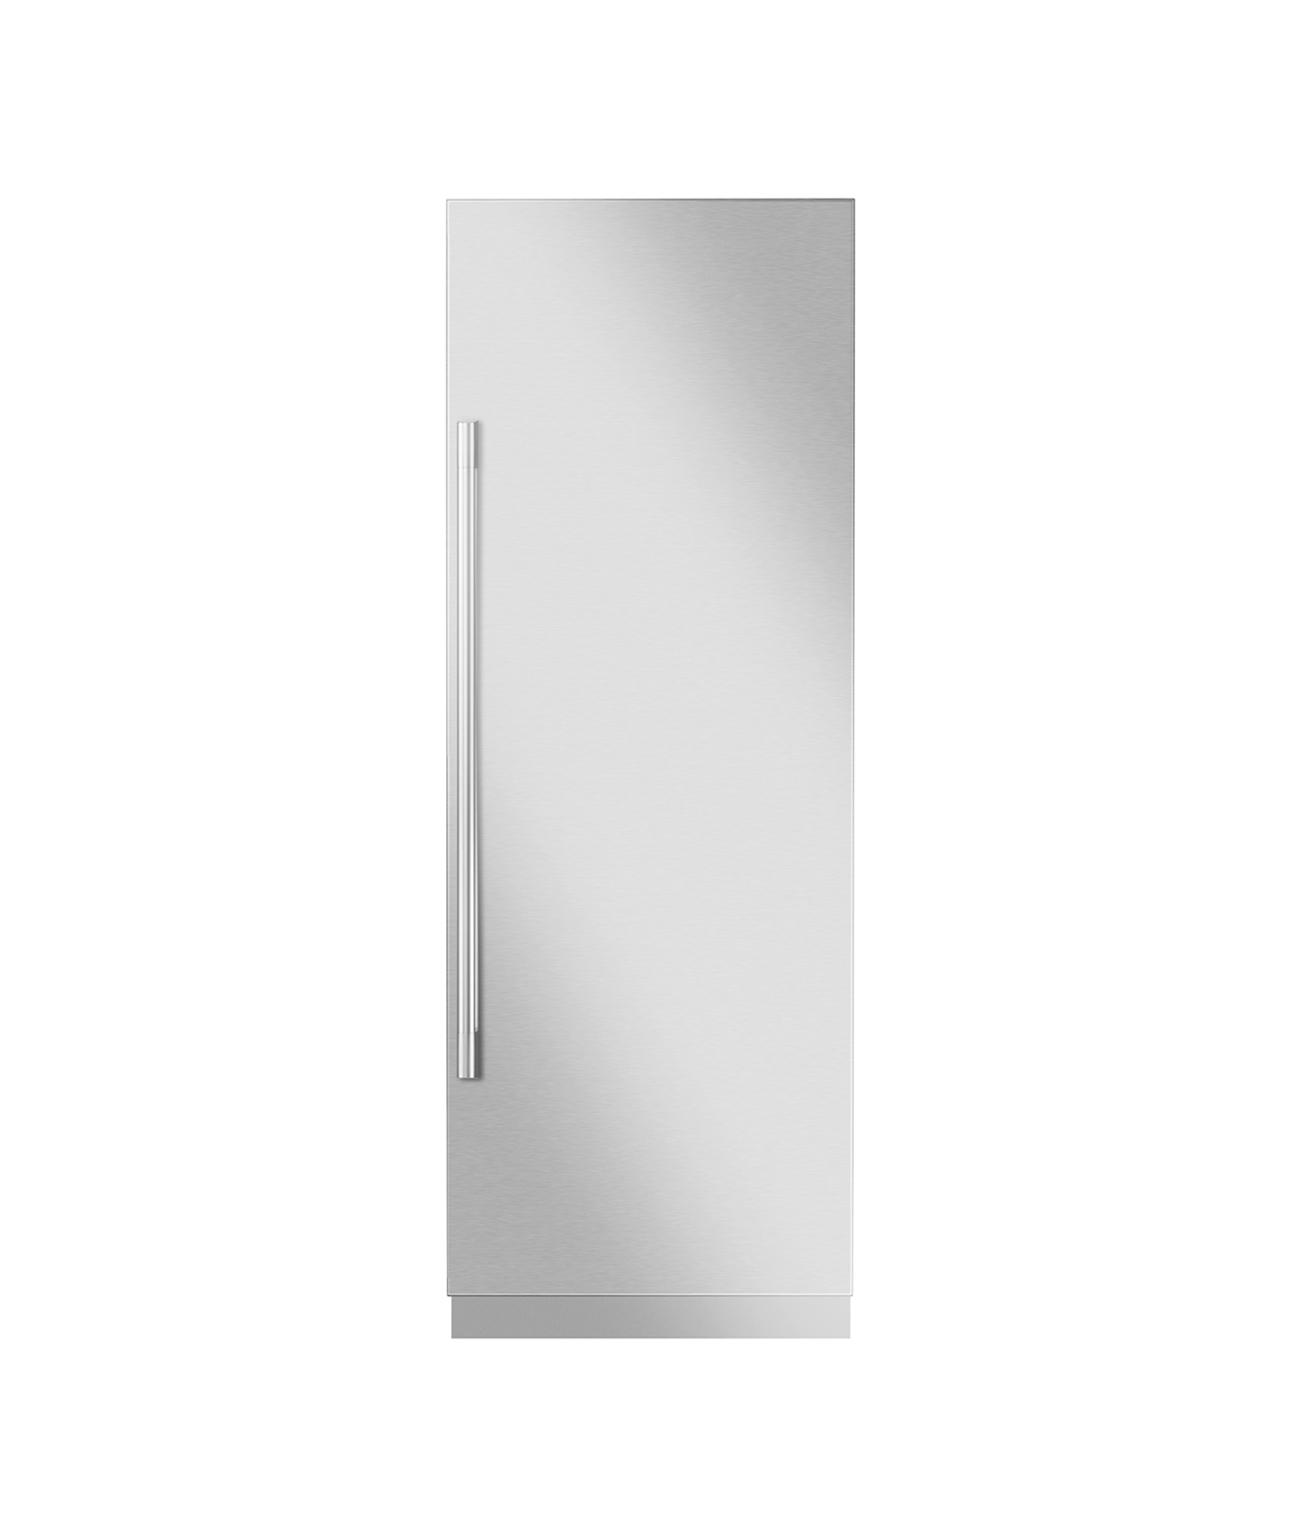 Colonne de réfrigération intégrée de 76cm (30po) | Signature Kitchen Suite